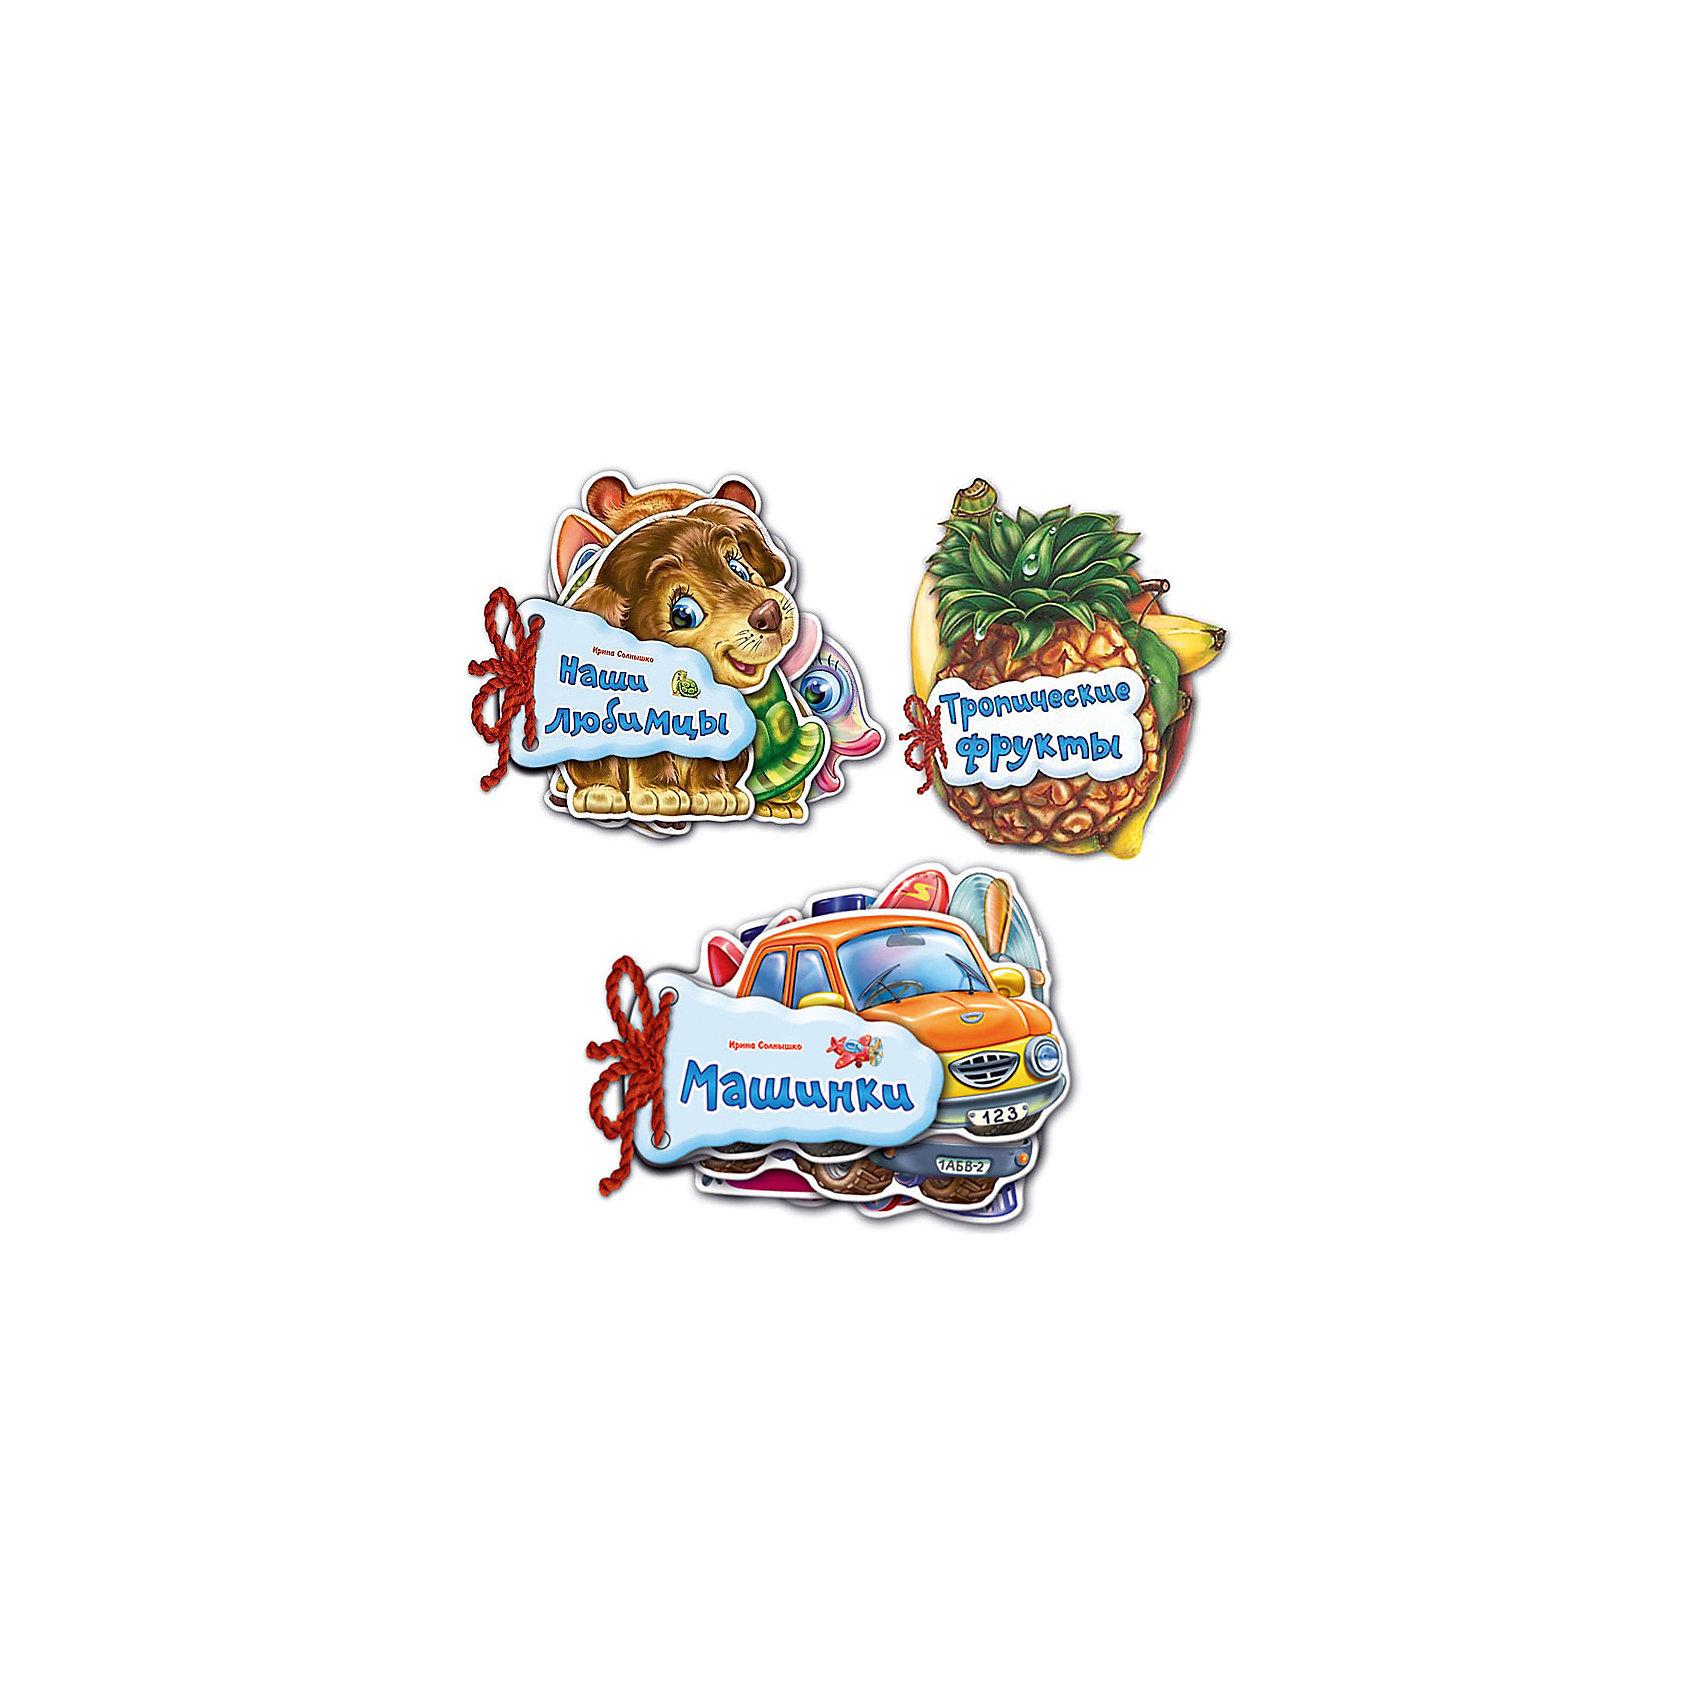 Комплект из 3 книг, серия Отгадай-каПервые книги малыша<br>Характеристики:<br><br>• возраст: от 1 года<br>• в комплекте: 3 книги (Наши любимцы, Тропические фрукты, Машинки)<br>• автор: Солнышко Ирина<br>• издательство: НД Плэй<br>• серия: Отгадай-ка!<br>• тип обложки: картон<br>• иллюстрации: цветные<br>• количество страниц в каждой книге: 12 (картон)<br>• размер одной книги: 14х14,5х1 см.<br>• вес одной книги: 86 гр.<br>• ISBN: 4690241154769<br><br>Серия «Отгадай-ка!» создана специально для самых маленьких. Каждая страничка книжки - это прочная фигурка в форме фрукта, животного, машинки. Развяжите шнурок и Вы получите замечательные карточки для игры в слова и знакомства малыша с окружающим миром. К тому же на обороте каждой странички Вы найдёте забавные загадки-доскладушки, которые помогут развить речь и воображение малыша. Для чтение взрослыми детям.<br><br>Комплект из 3 книг, серия Отгадай-ка, №3 можно купить в нашем интернет-магазине.<br><br>Ширина мм: 130<br>Глубина мм: 24<br>Высота мм: 145<br>Вес г: 300<br>Возраст от месяцев: 36<br>Возраст до месяцев: 2147483647<br>Пол: Унисекс<br>Возраст: Детский<br>SKU: 6910533